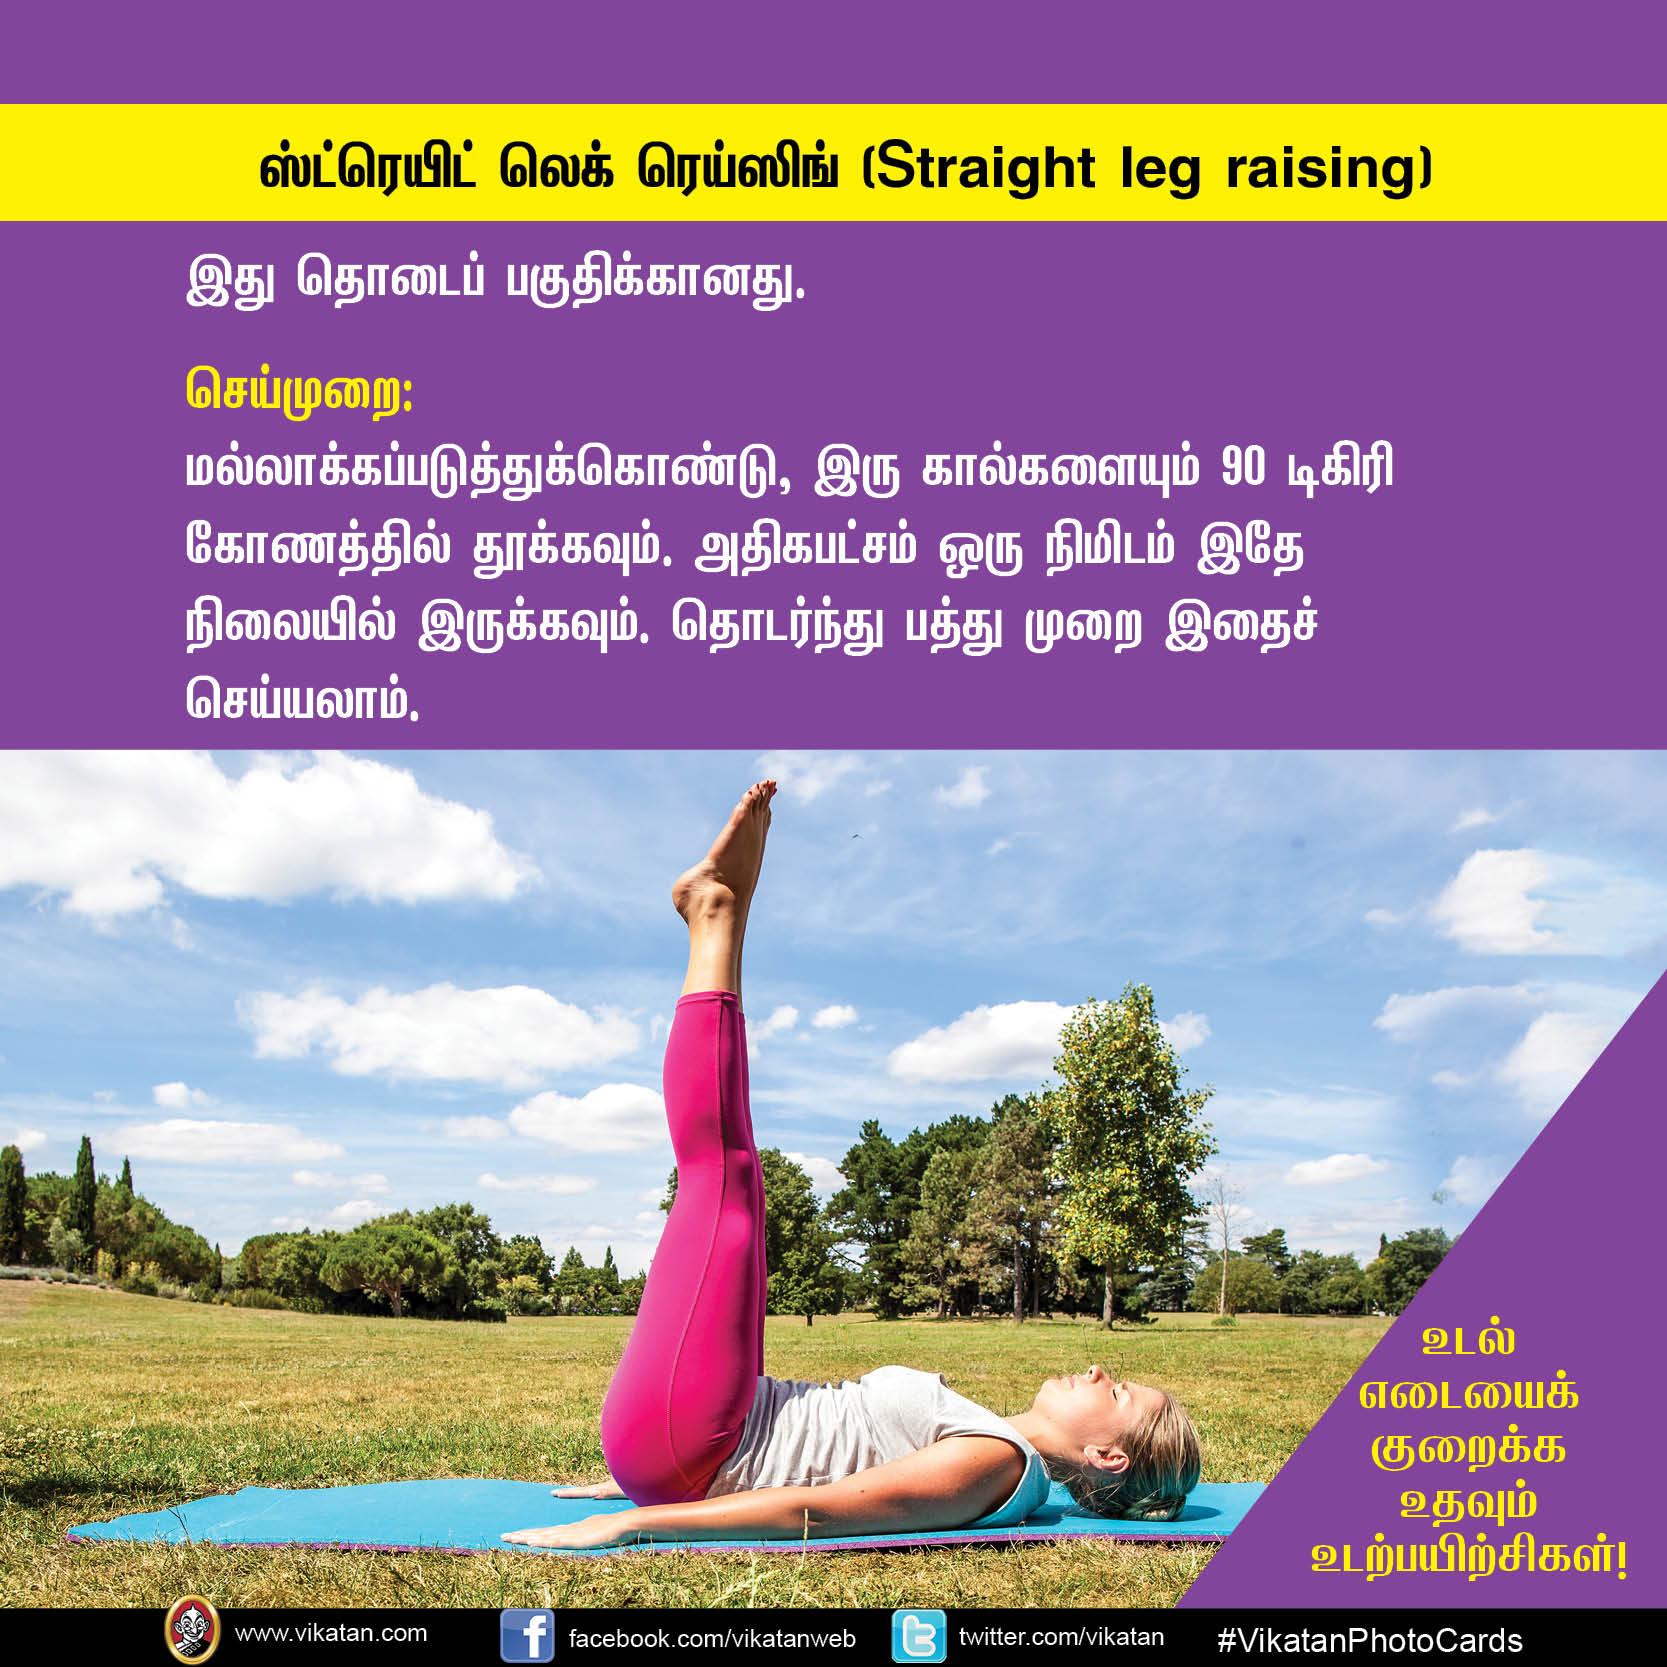 உடல் எடையைக் குறைக்க உதவும் உடற்பயிற்சிகள்! #VikatanPhotocards